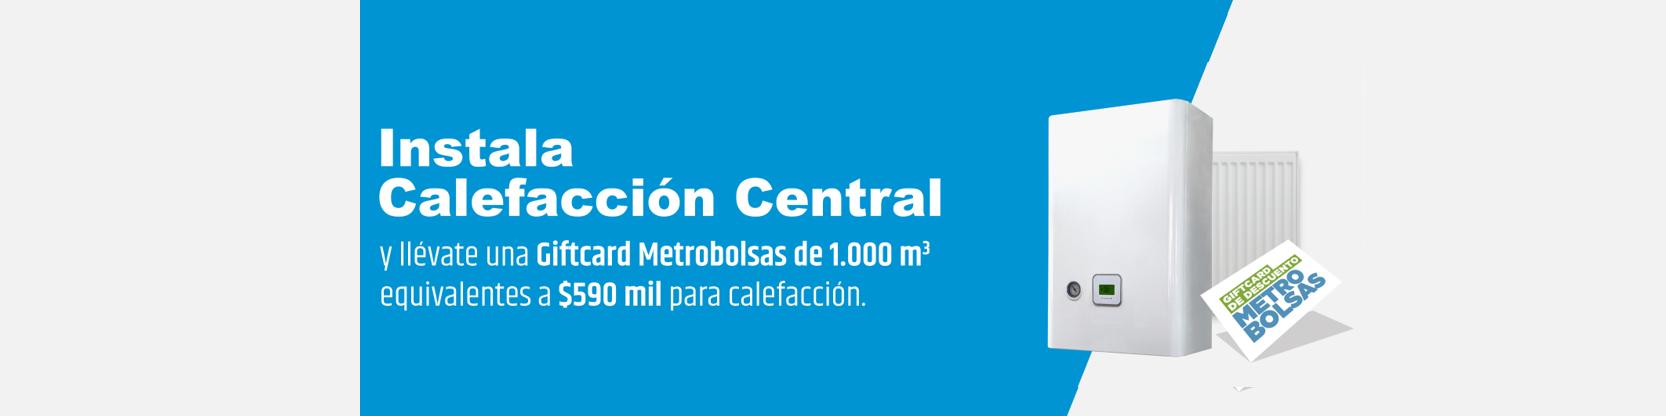 Promoción Calefacción Central